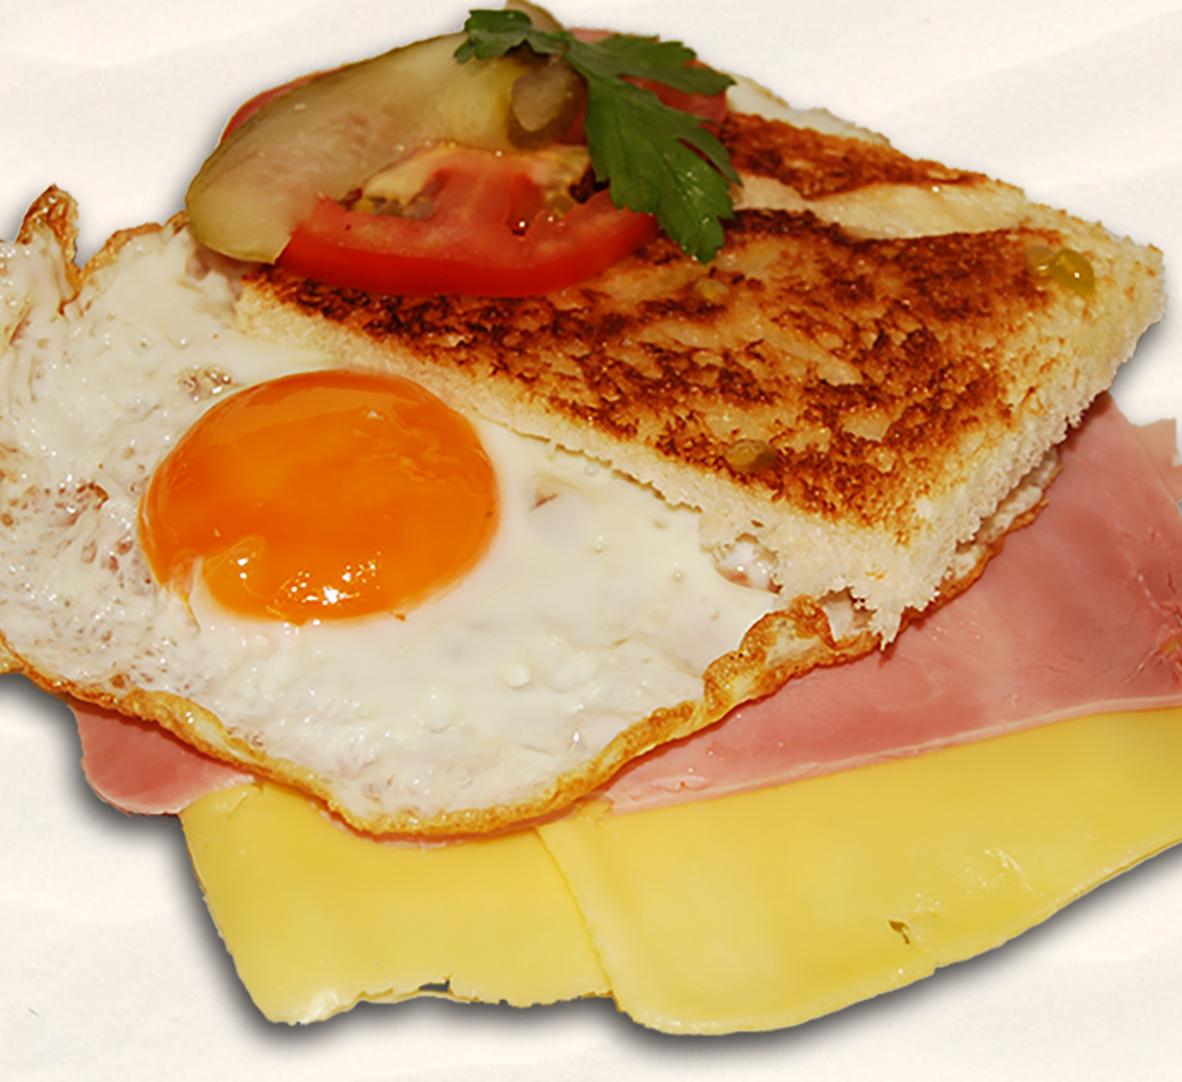 Frühstück, desayuno, breakfast, Sandwich